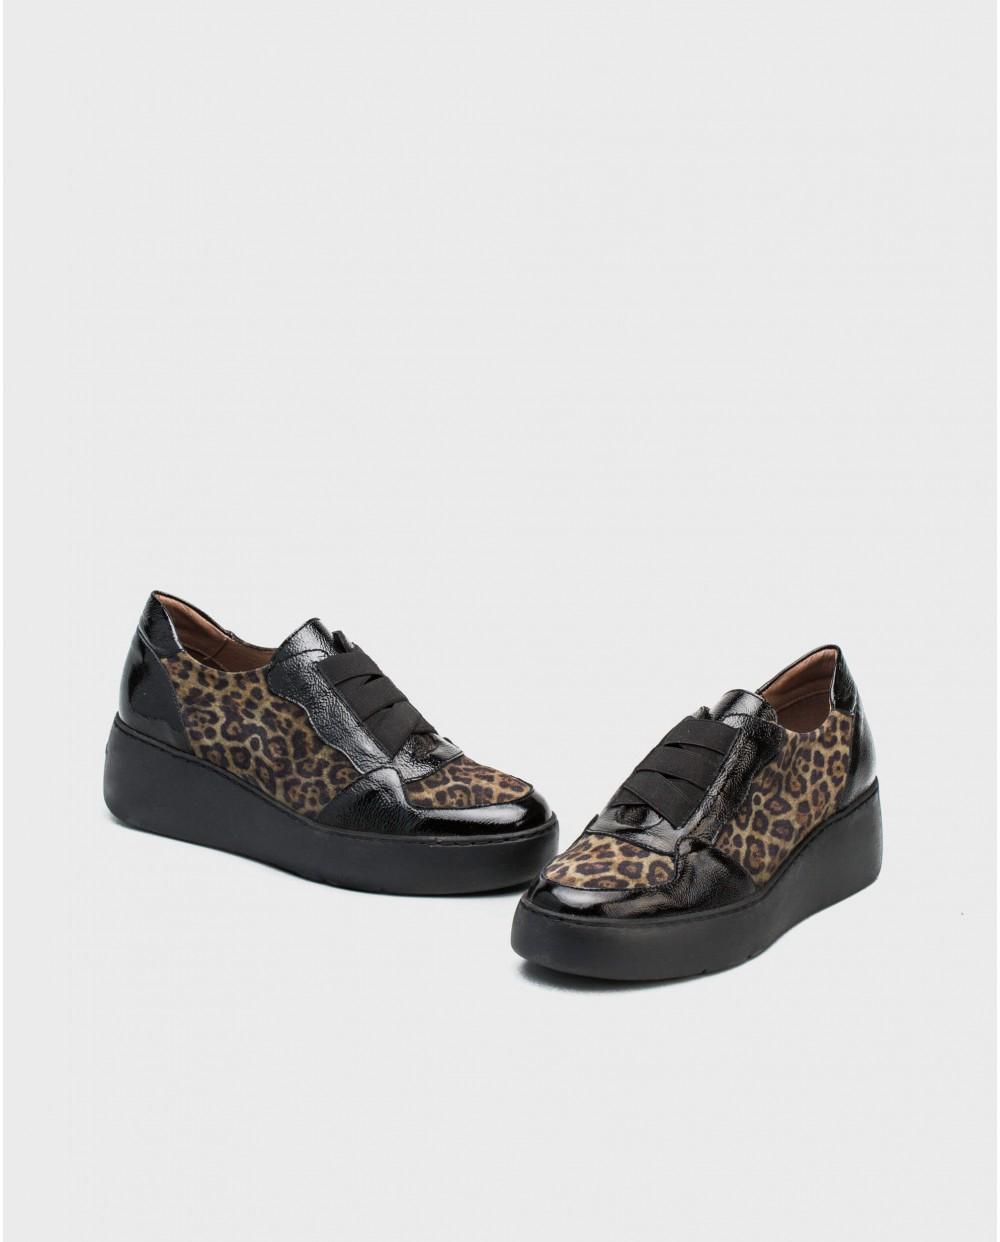 Wonders-Sneakers-Leather animal print sneaker